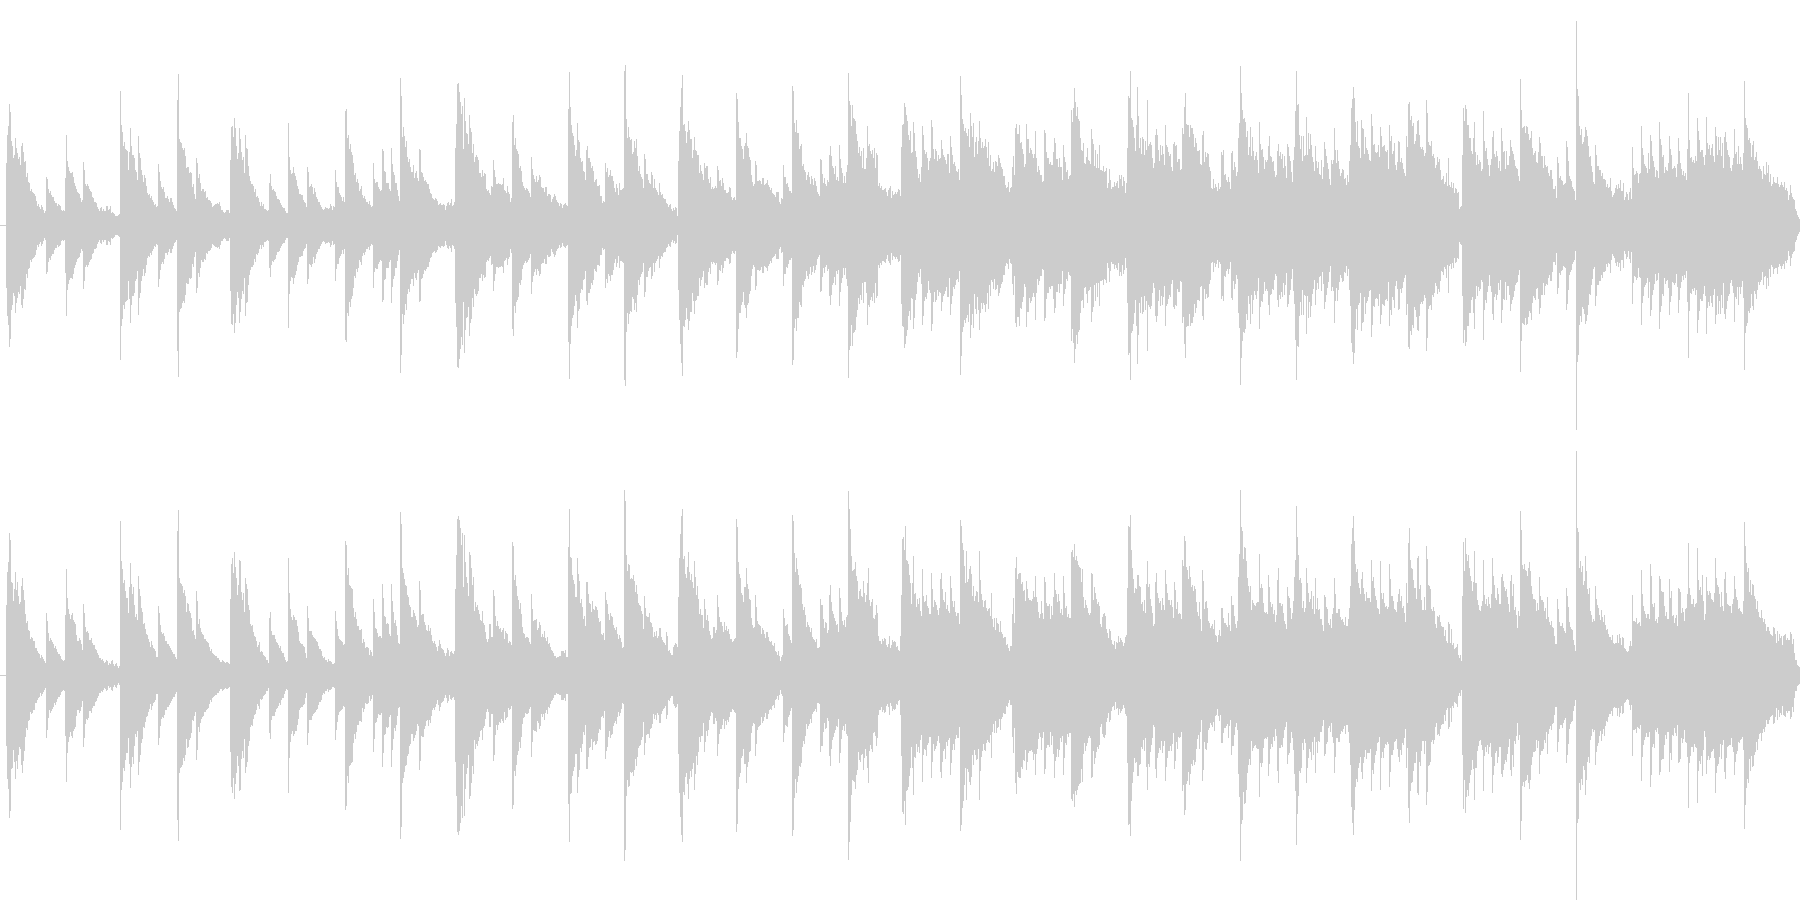 オルゴールの曲のようなインストの未再生の波形